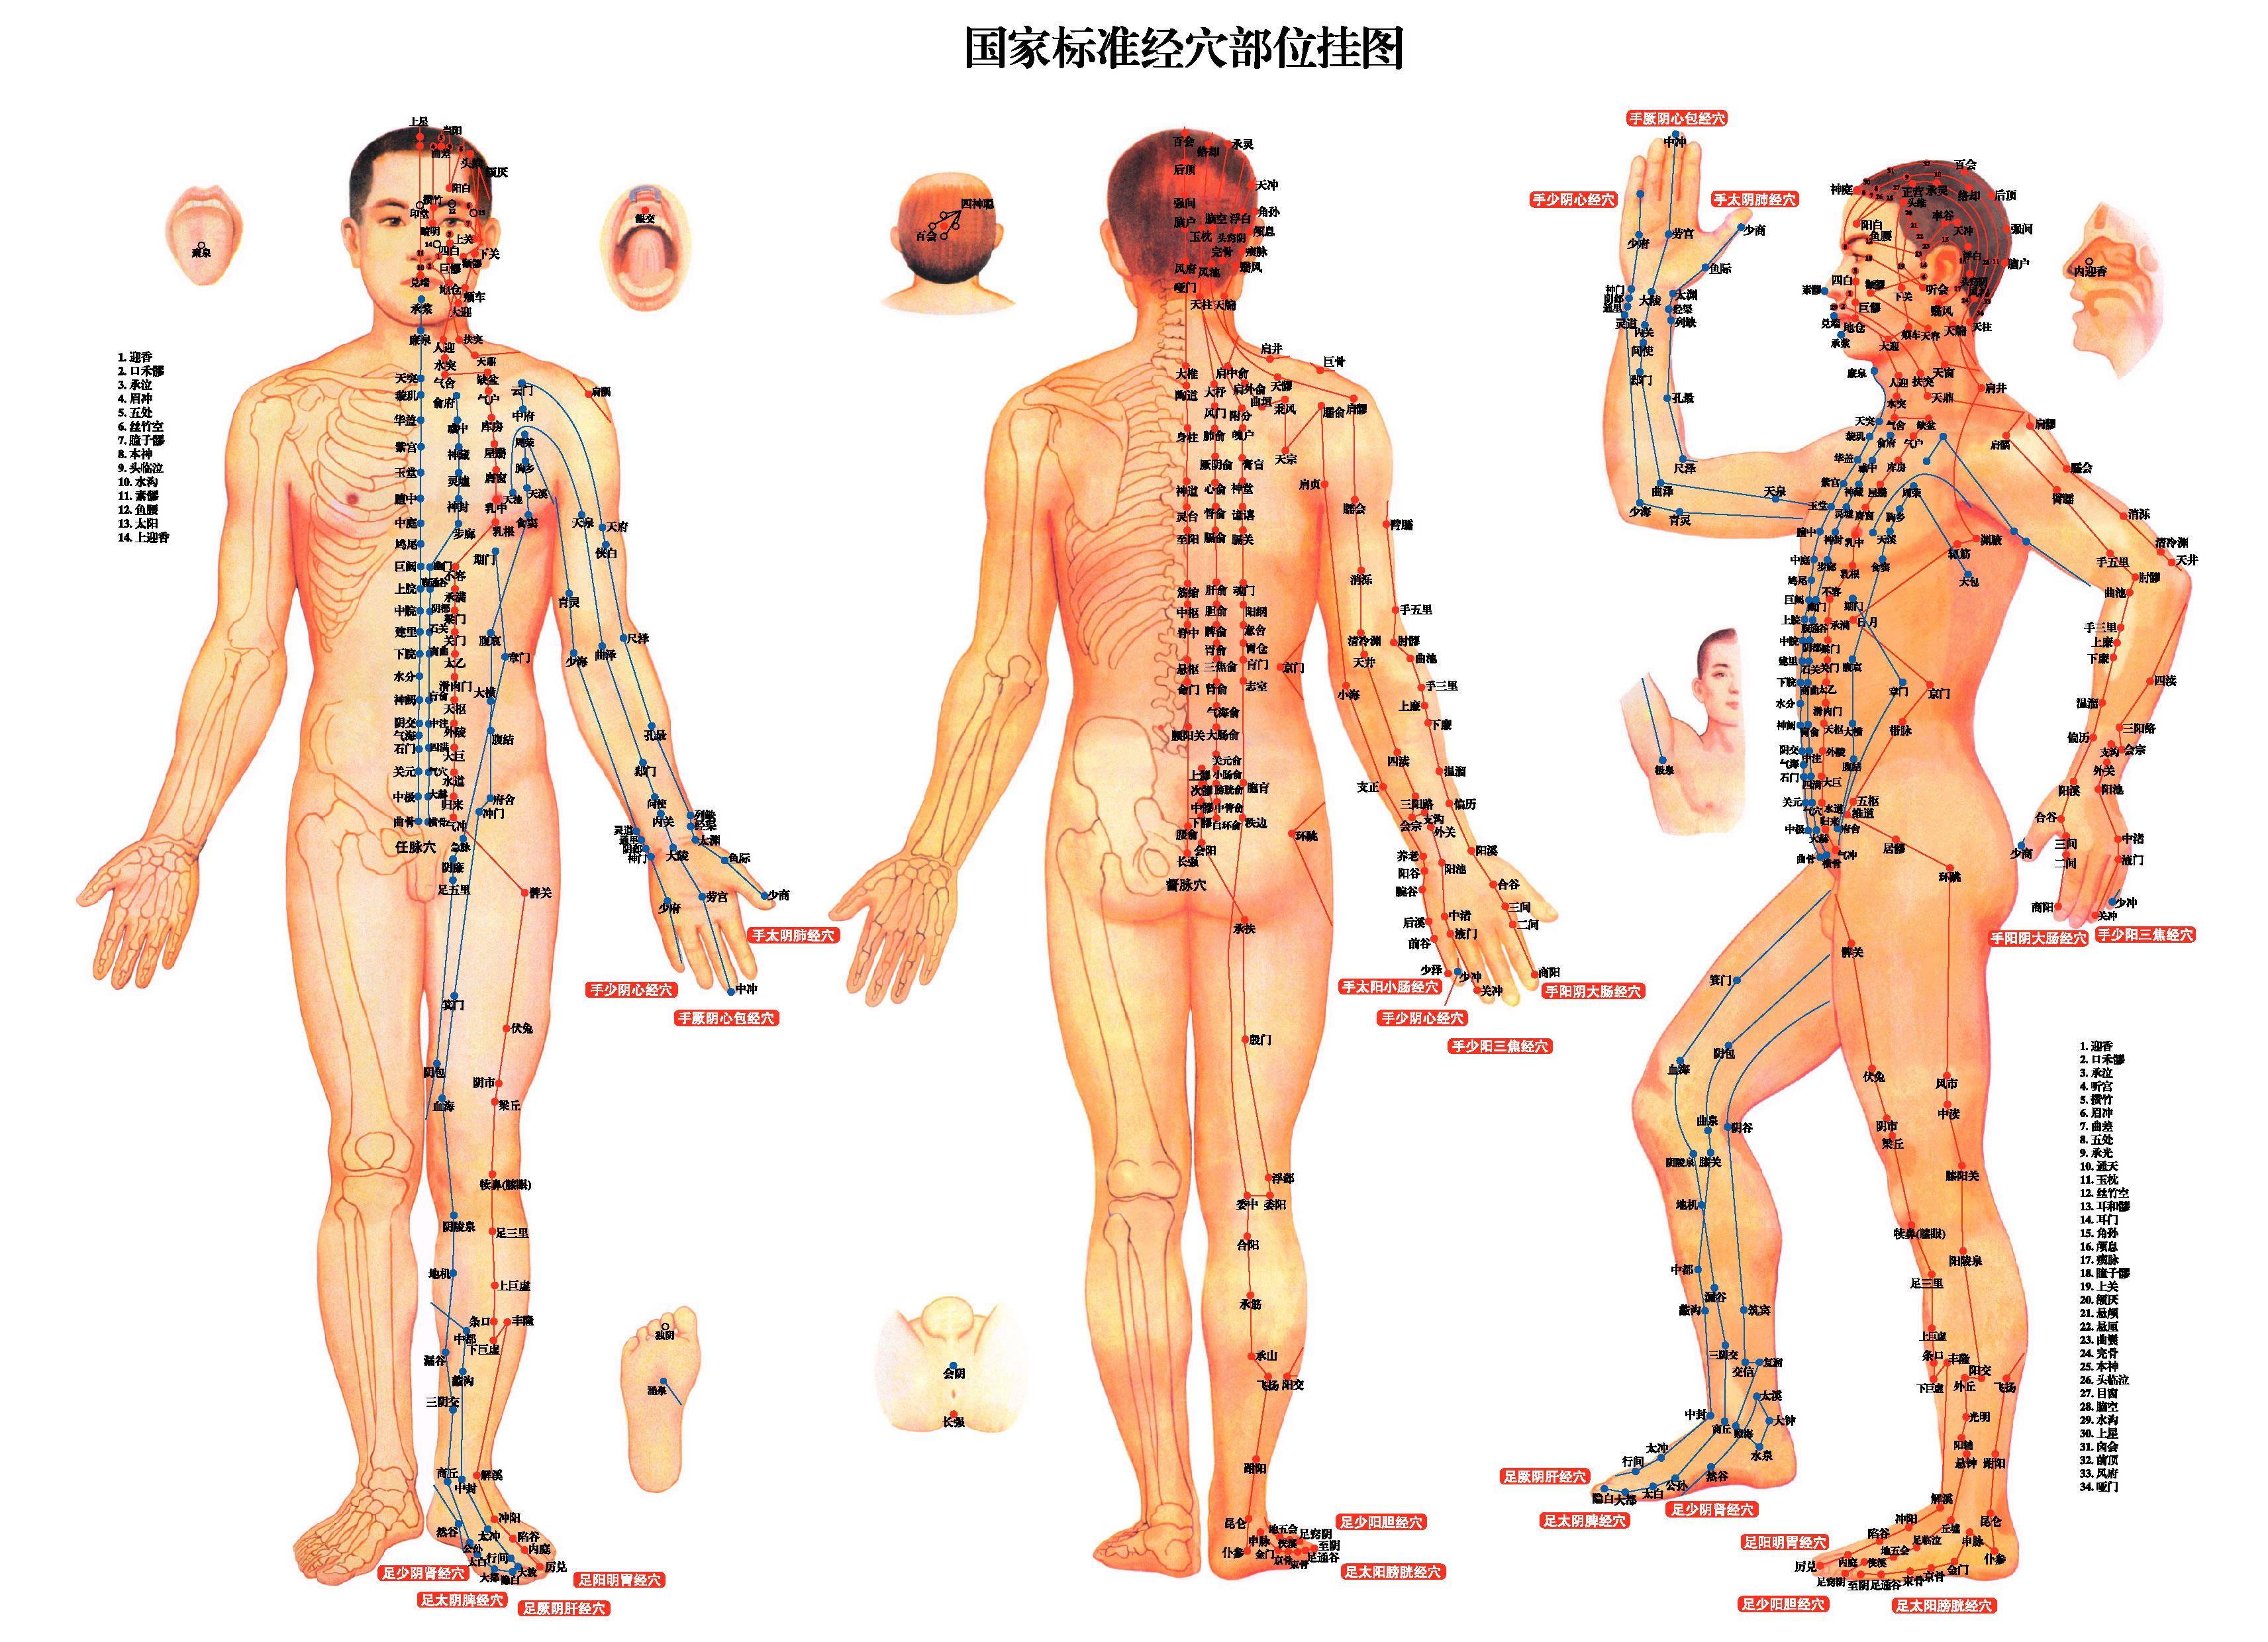 中醫針灸穴位圖